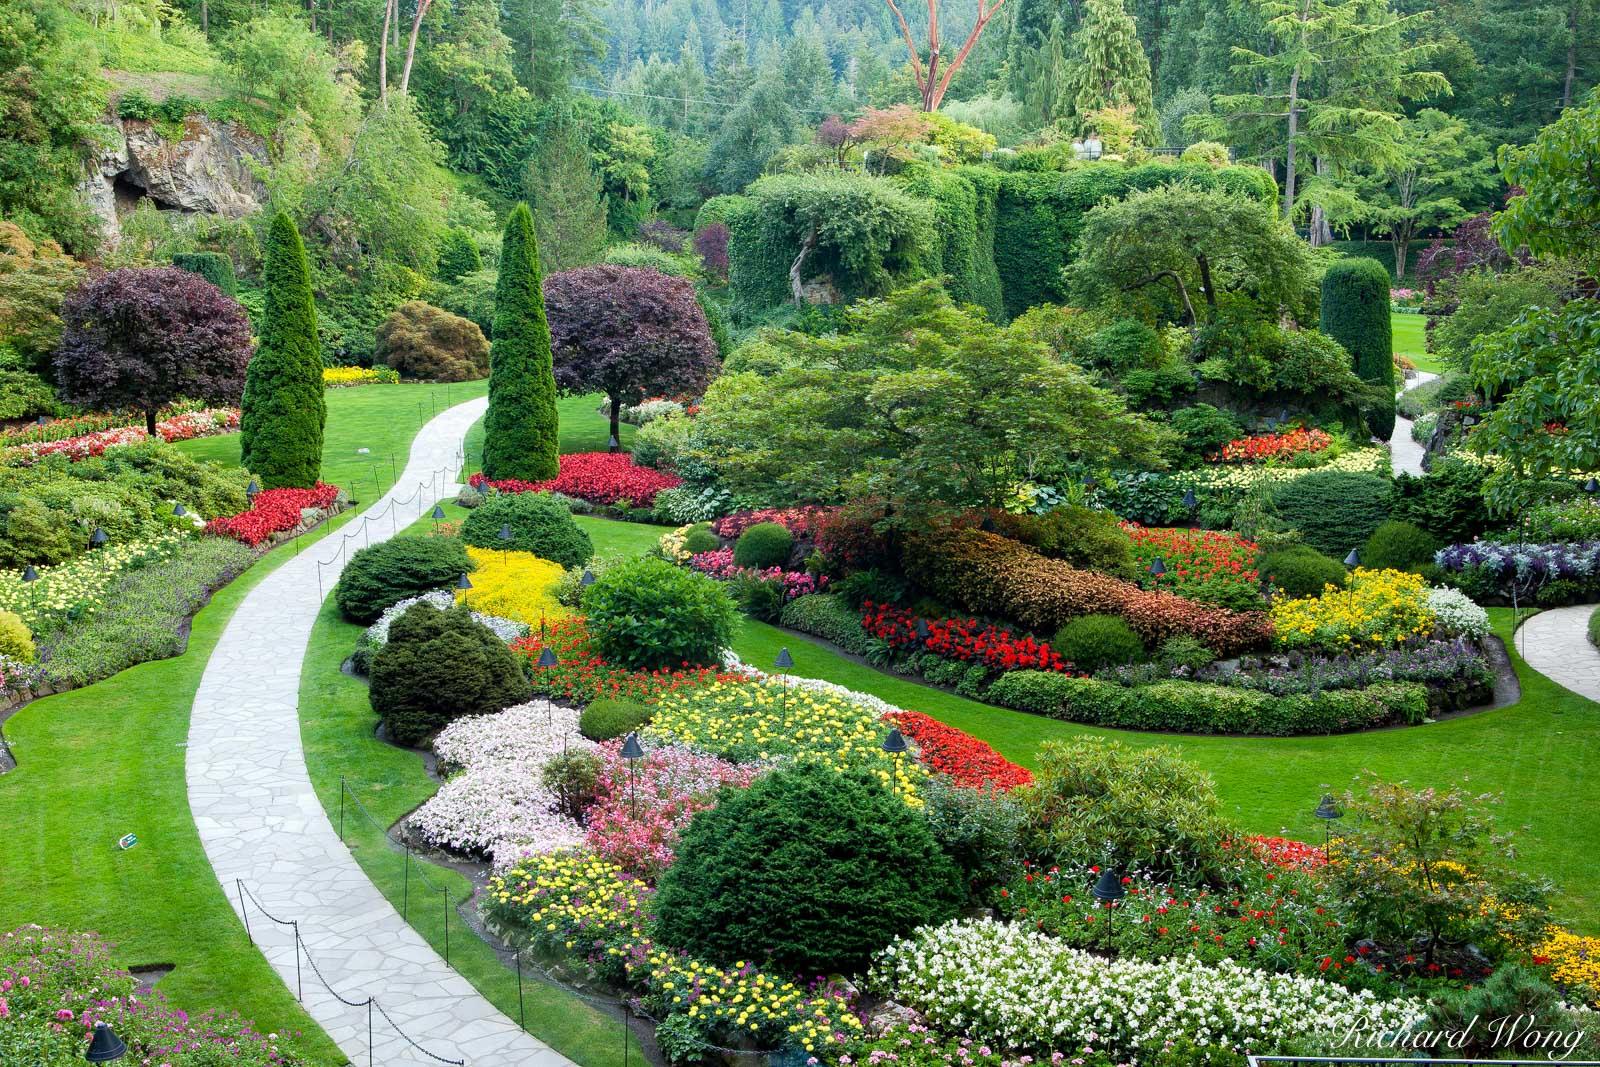 butchart gardens, sunken garden overlook, vancouver island, canada, british columbia, photo, photo